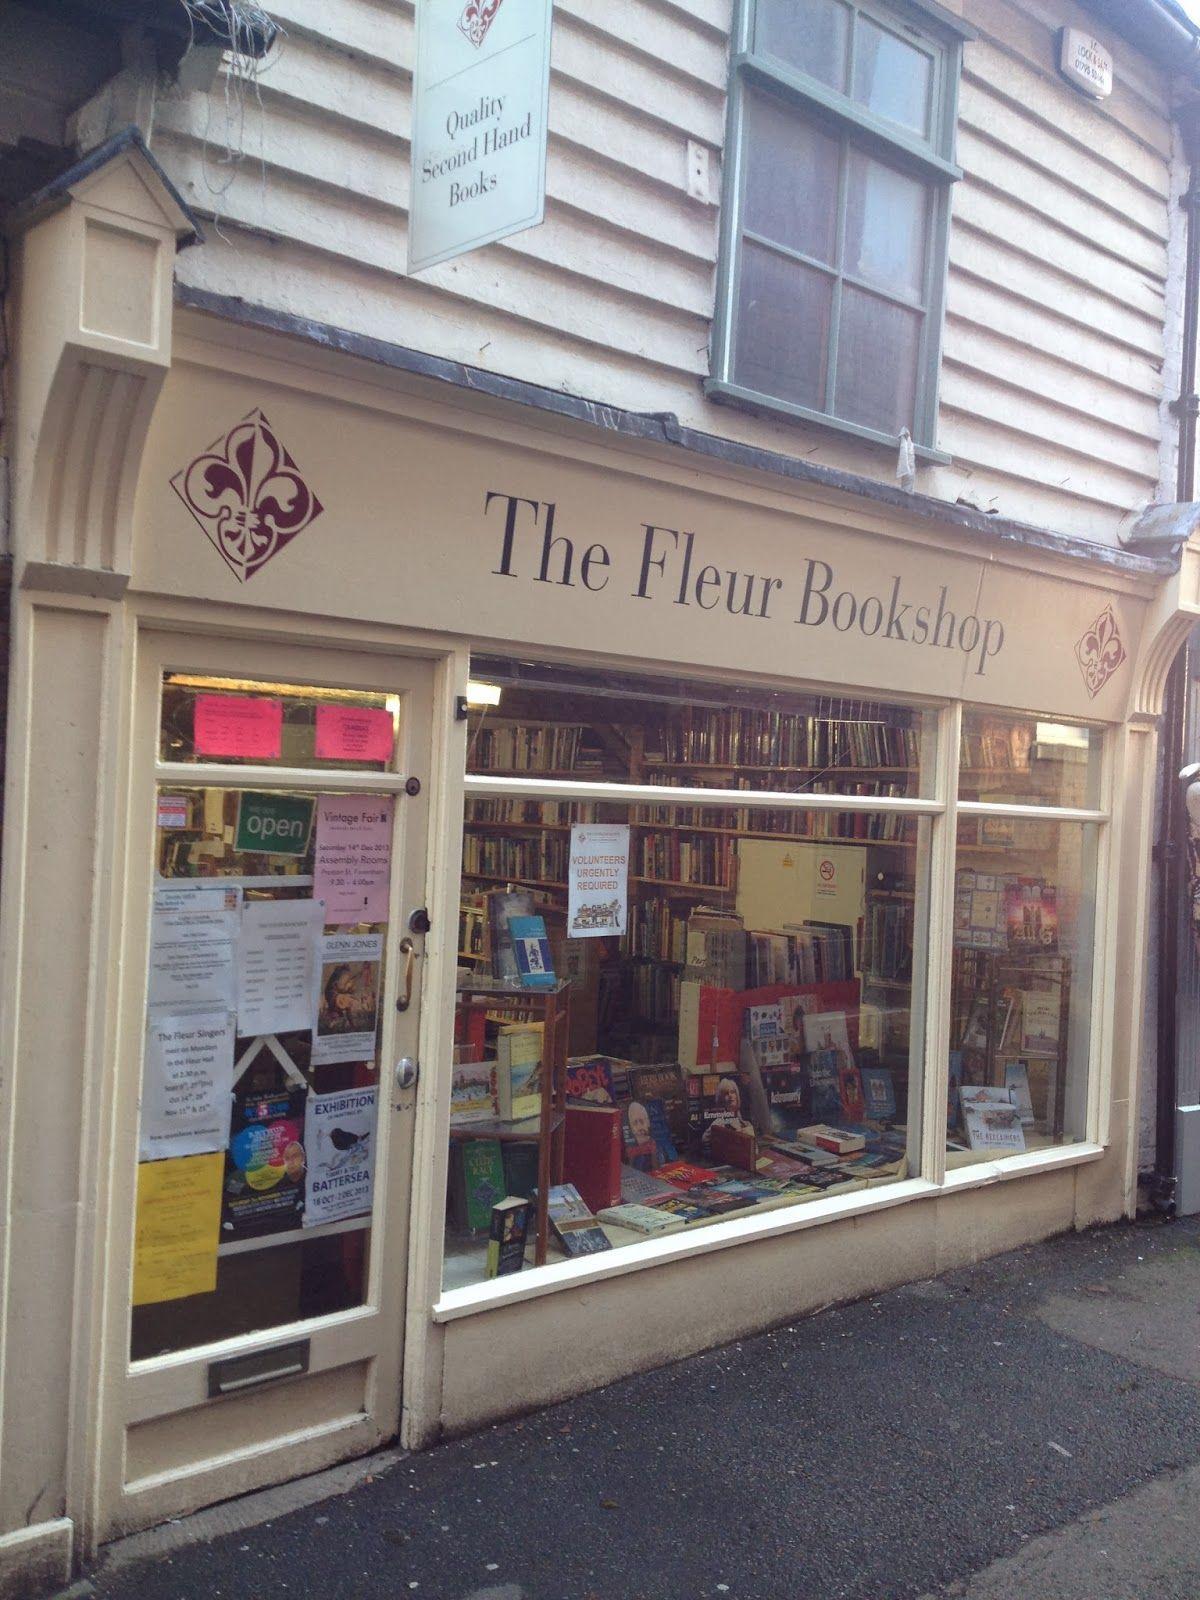 Village community in a three-bookshop town http://www.thebookshoparoundthecorner.co.uk/2014/01/village-community-in-three-bookshop-town.html